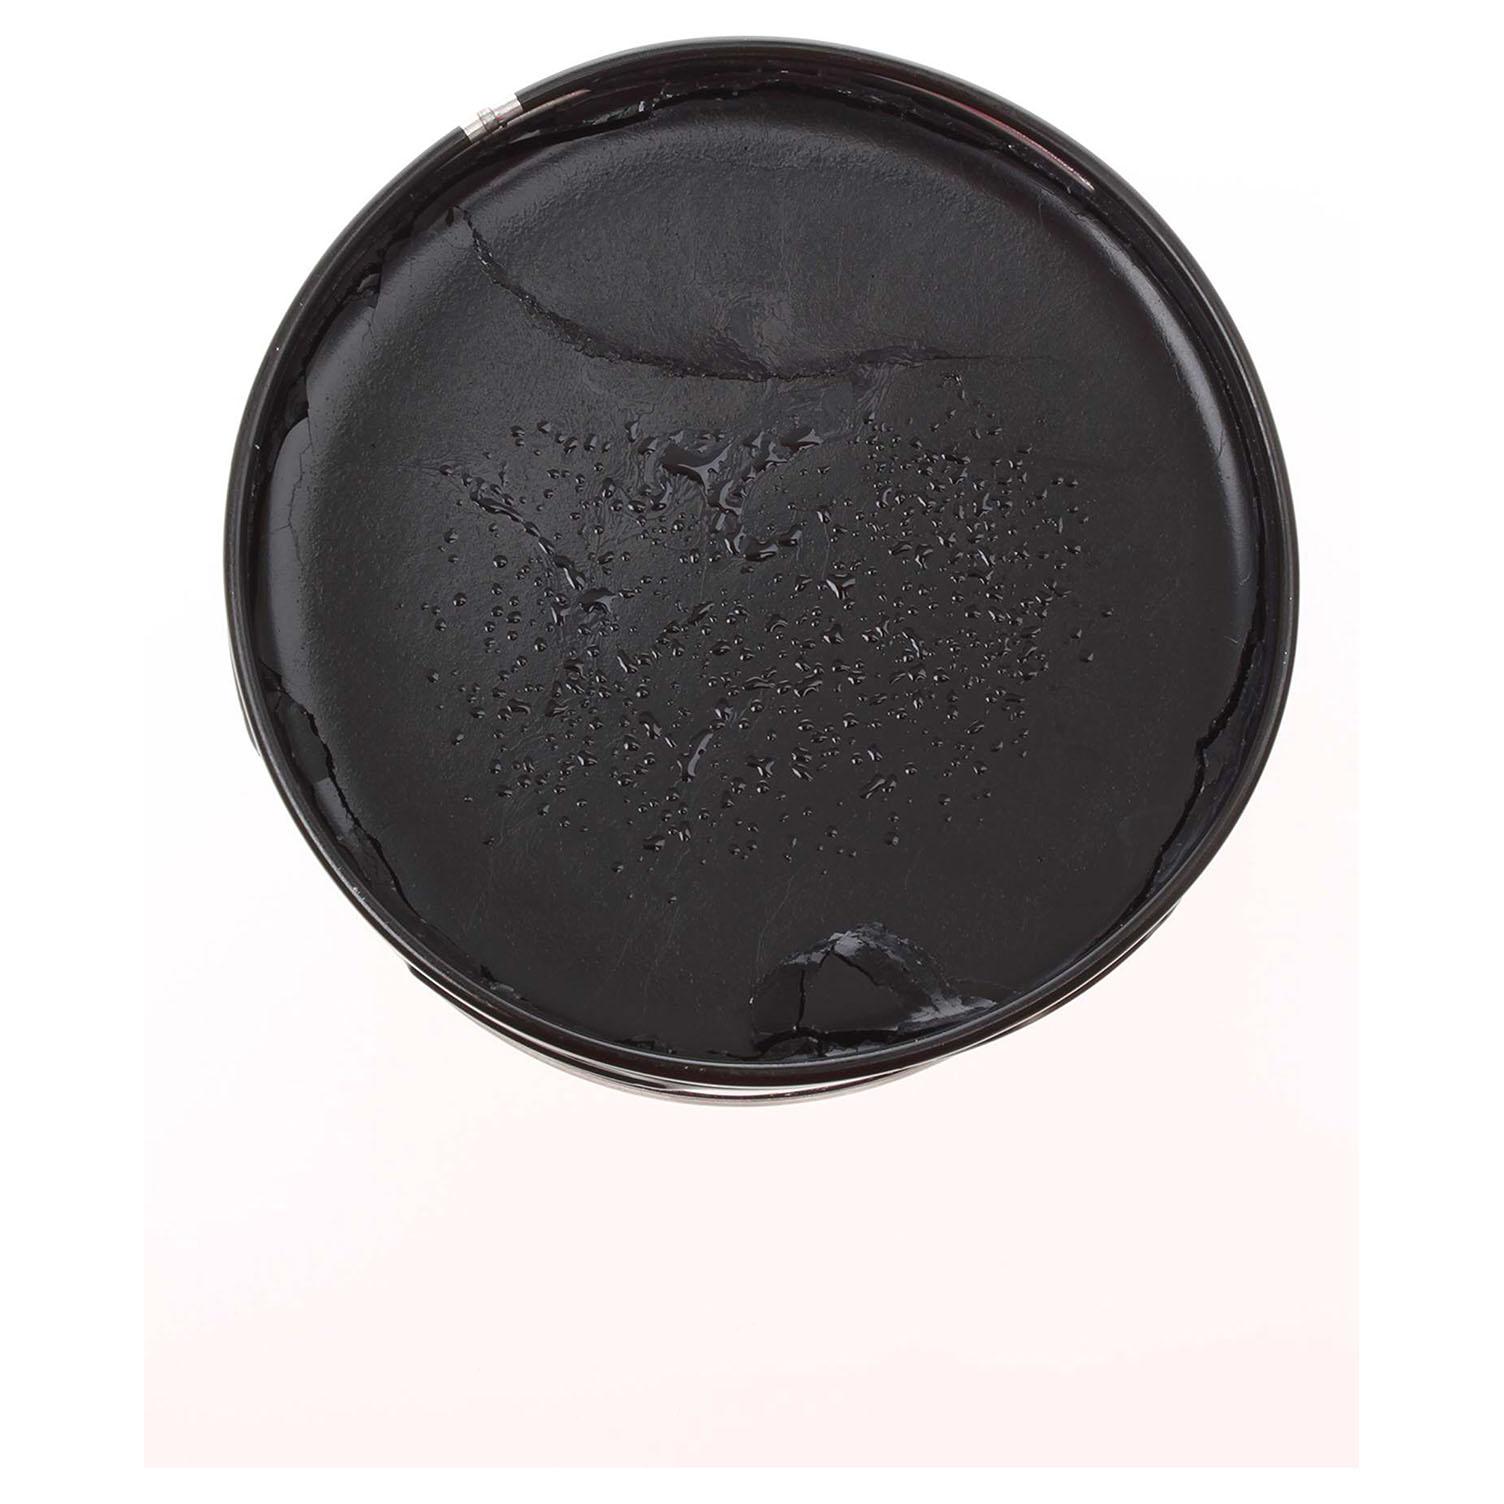 Ecco Siga vojenské leštidlo černé 250g 1261013